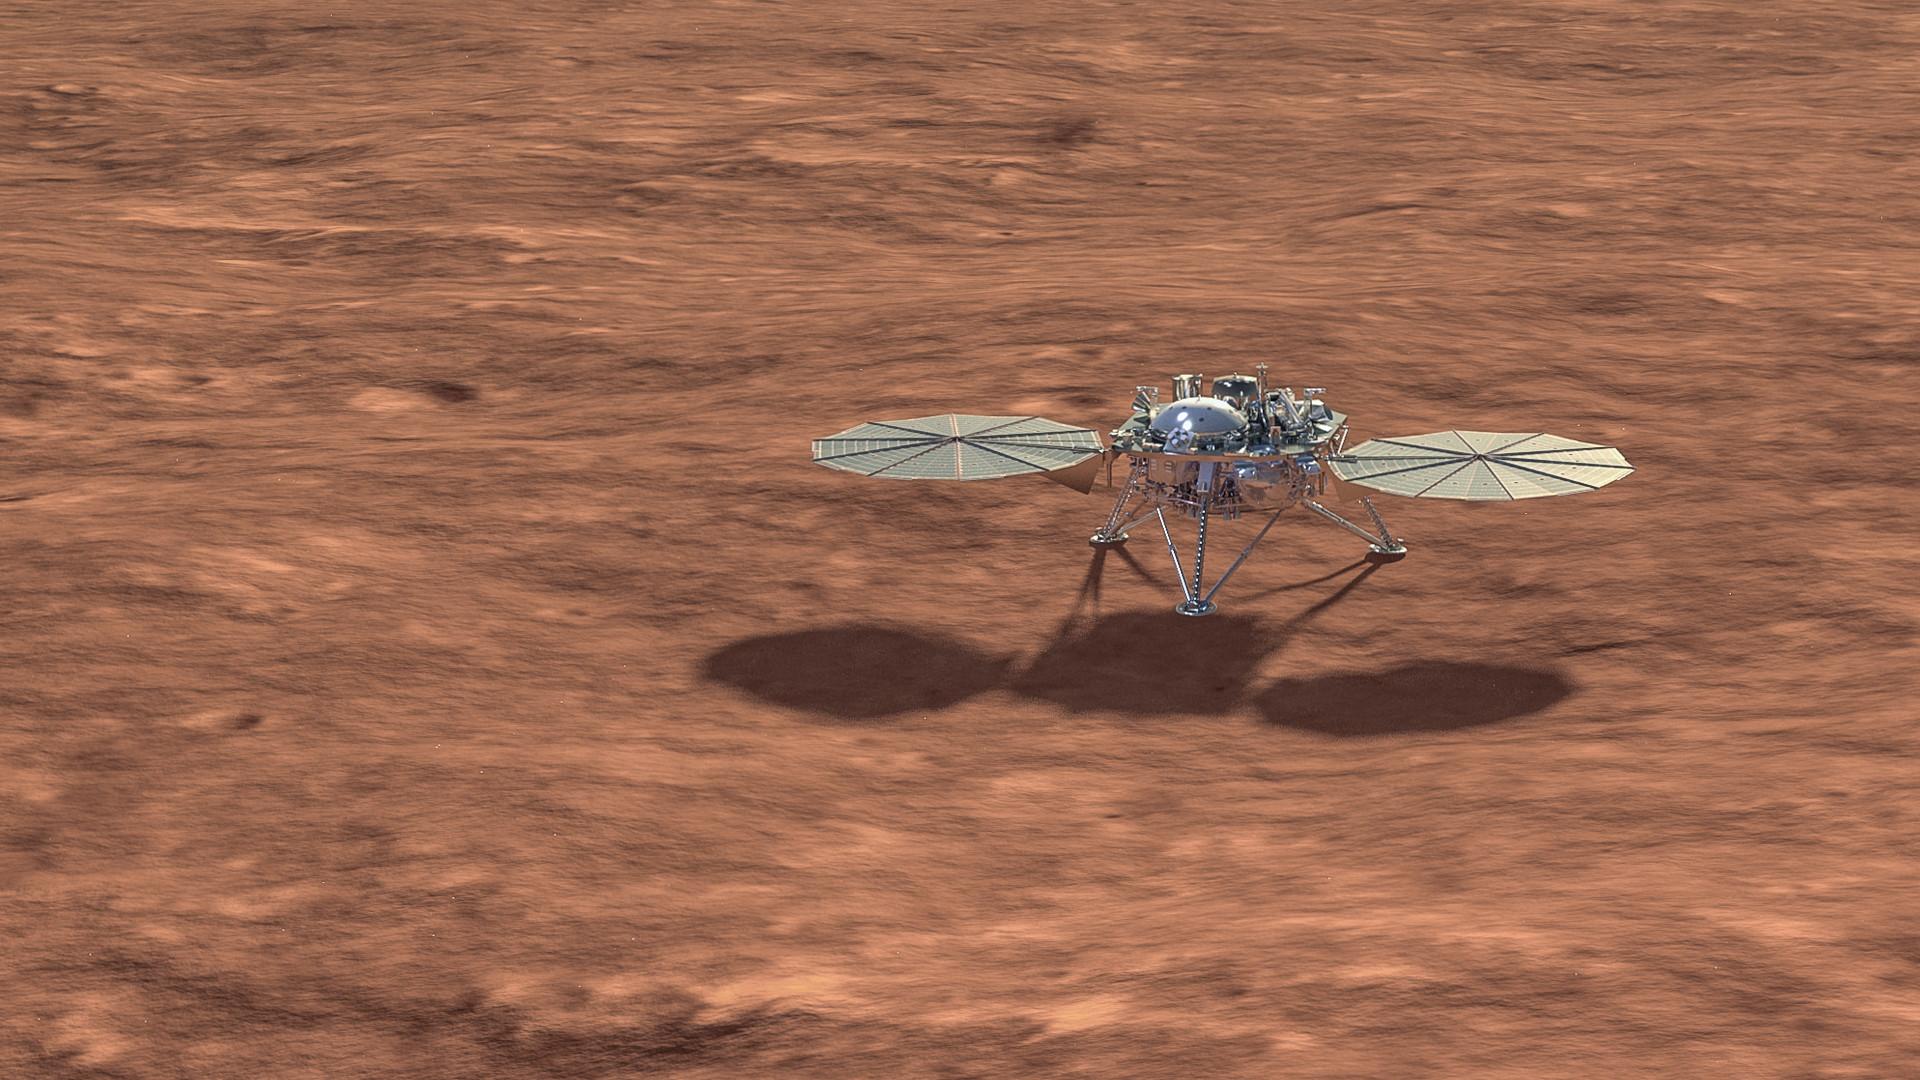 Pourquoi l'activité d'InSight sur Mars va-t-elle être temporairement réduite ? - Numerama